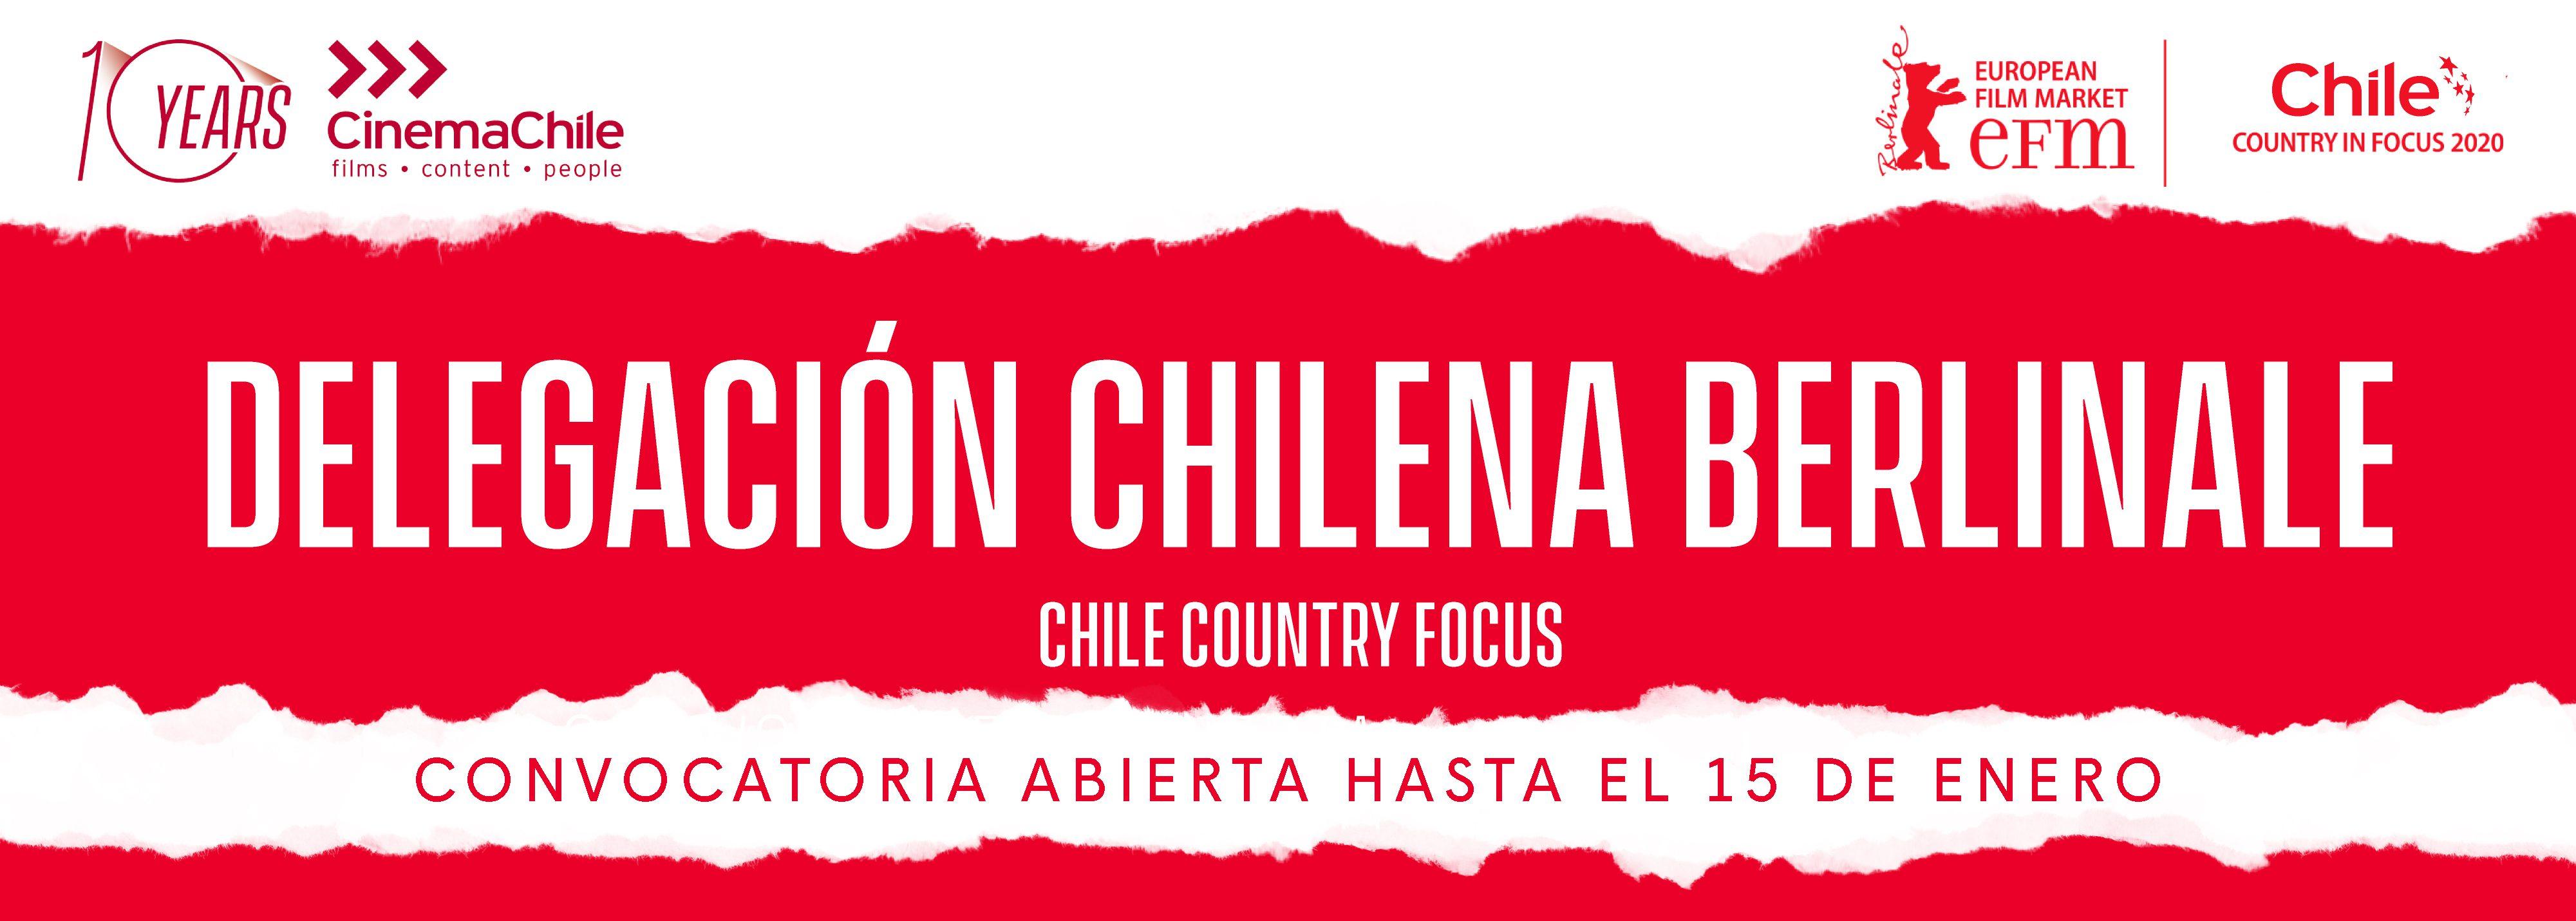 Llamado: Delegación chilena rumbo al European Film Market de la Berlinale 2020